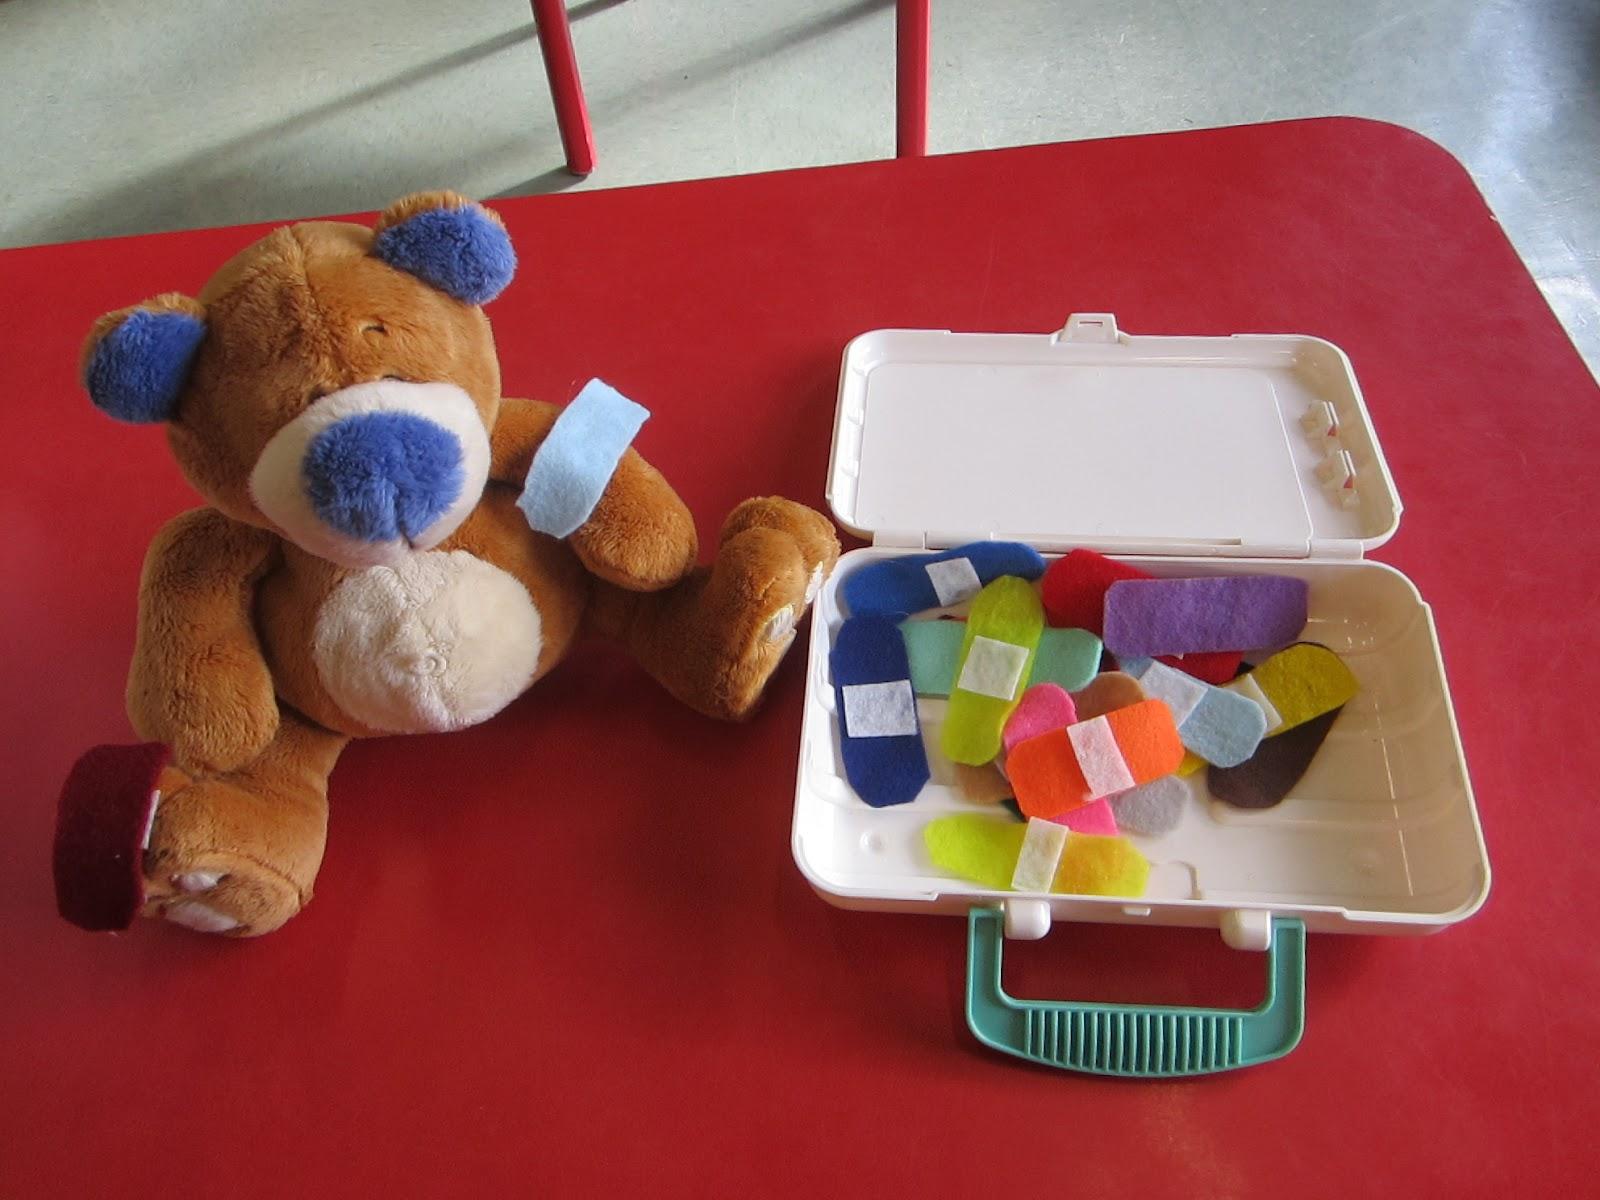 Curious Kids: Teddy Bear Care